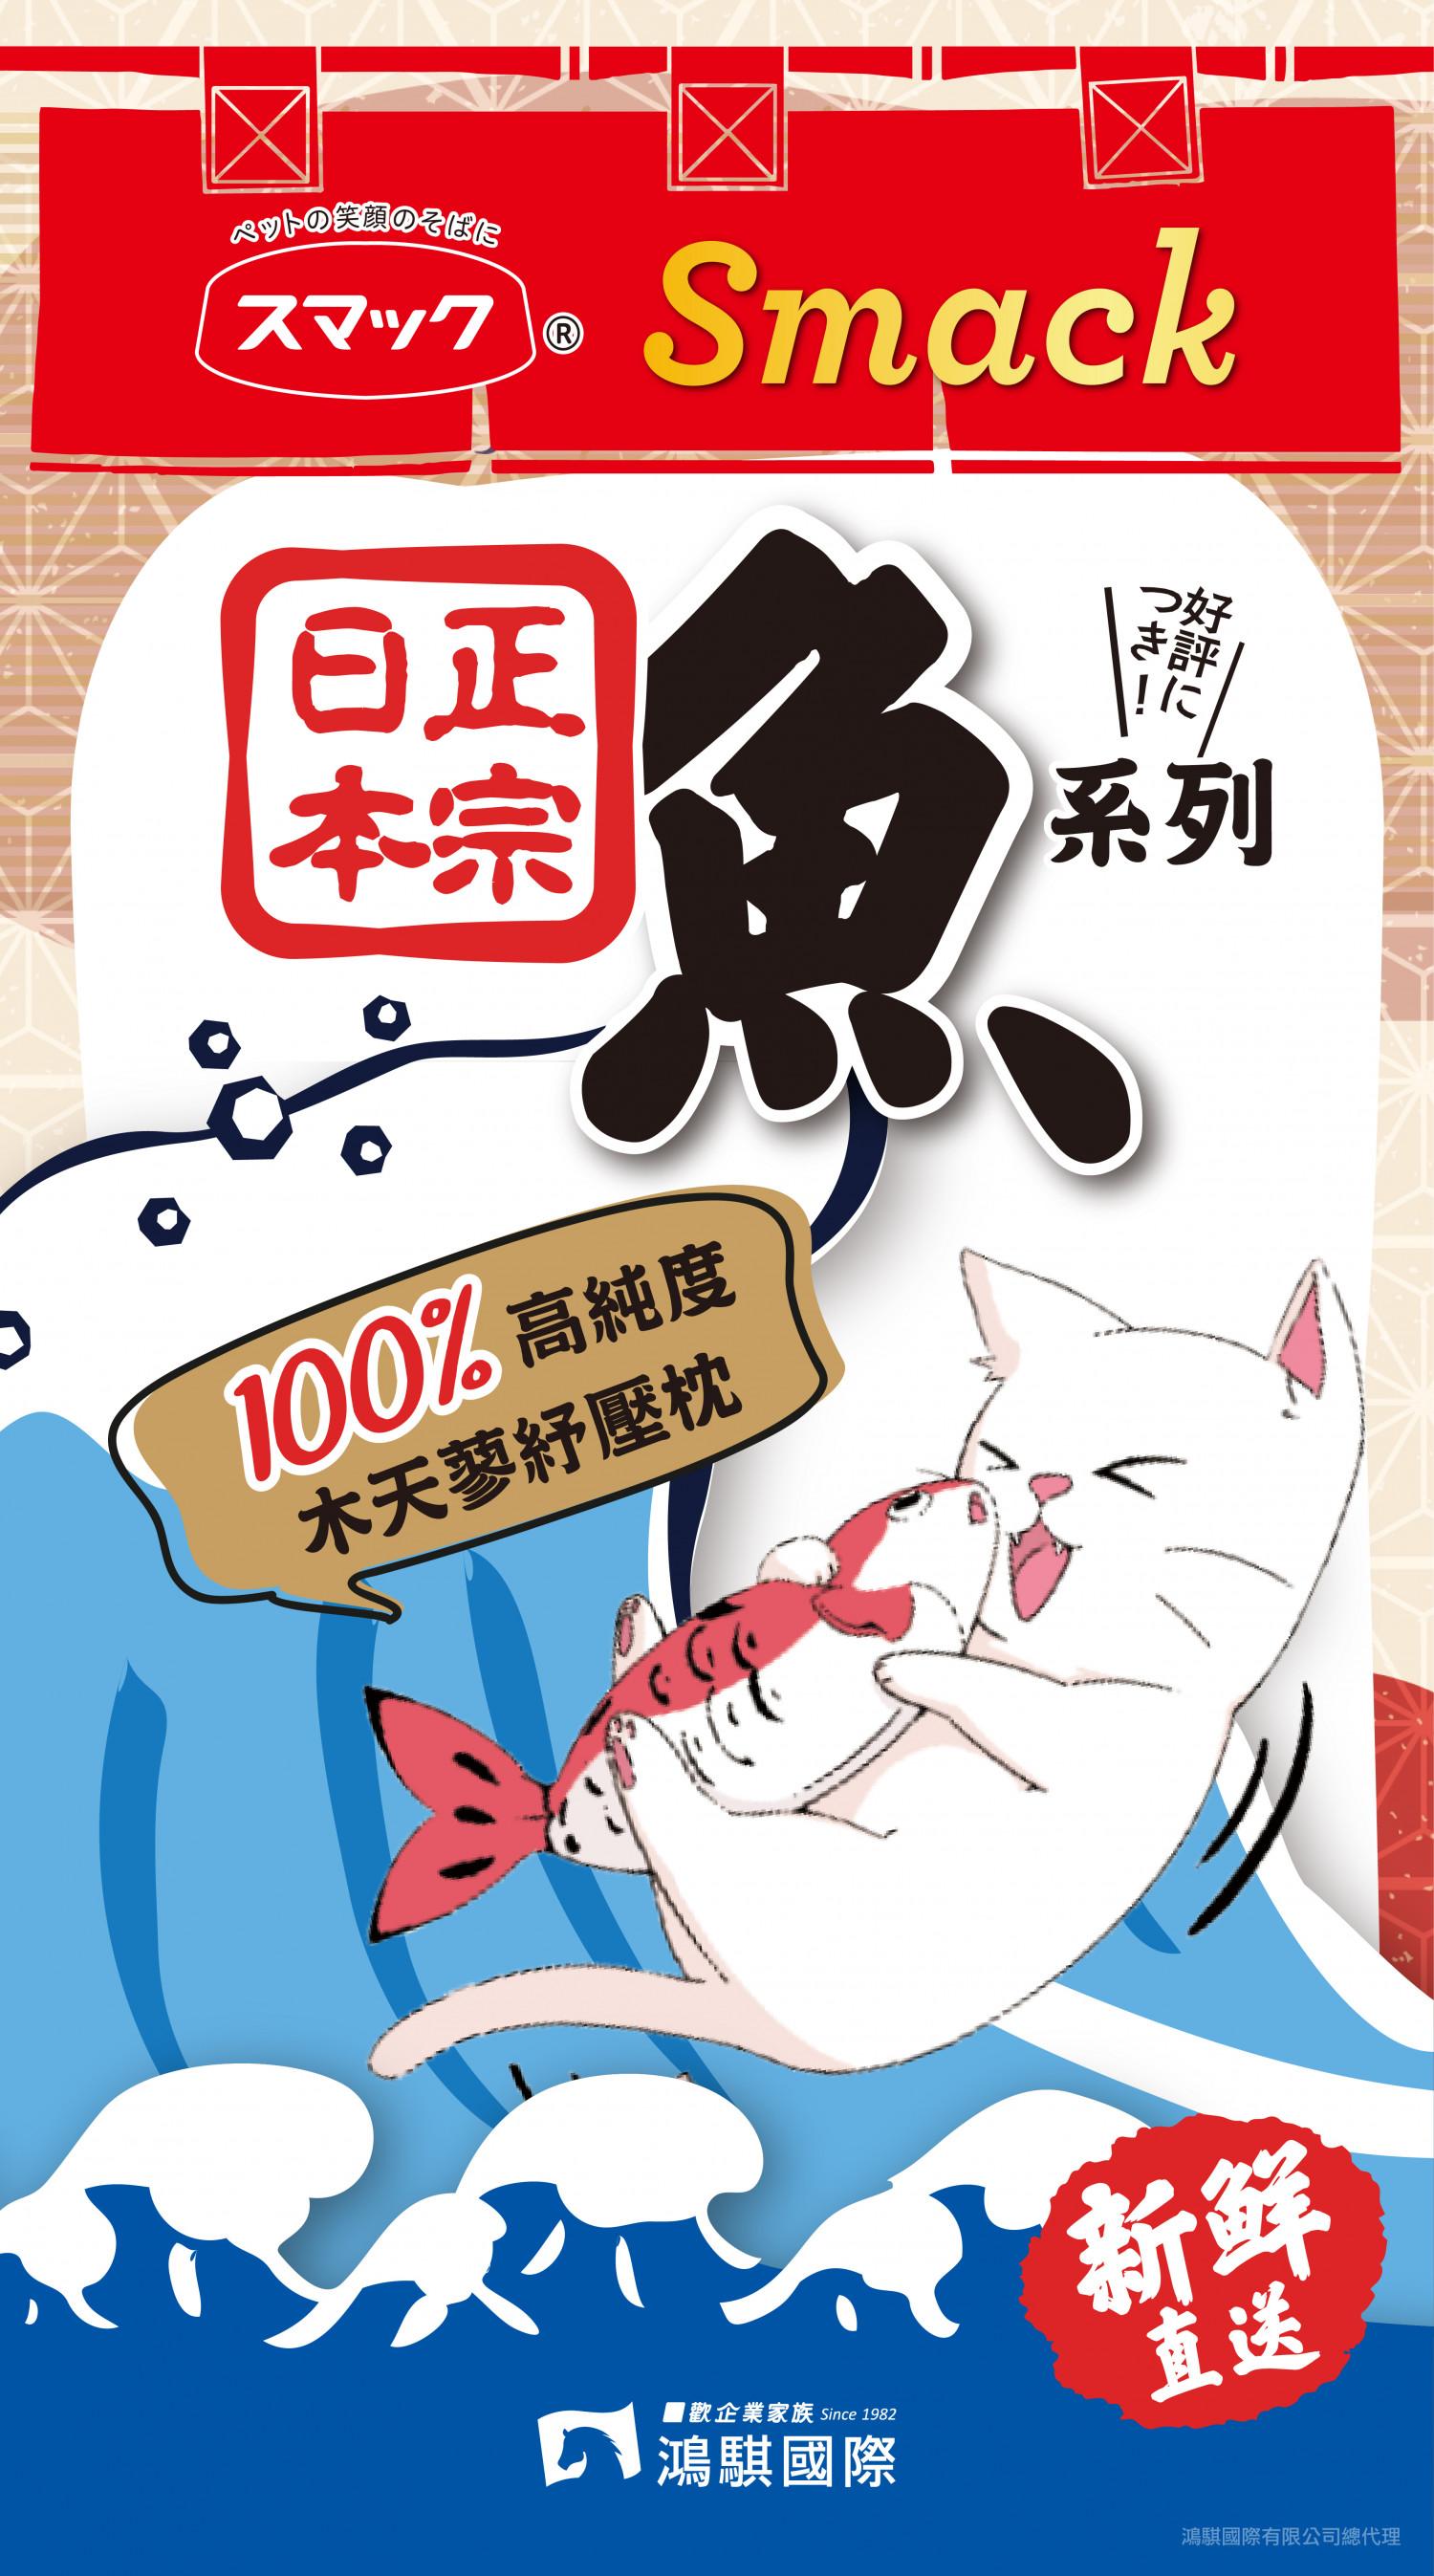 日本 Smack正宗鮮魚木天蓼紓壓枕 秋刀魚 鮭魚 鱒魚 小丑魚 錦鯉 貓枕頭 貓玩具 貓草魚